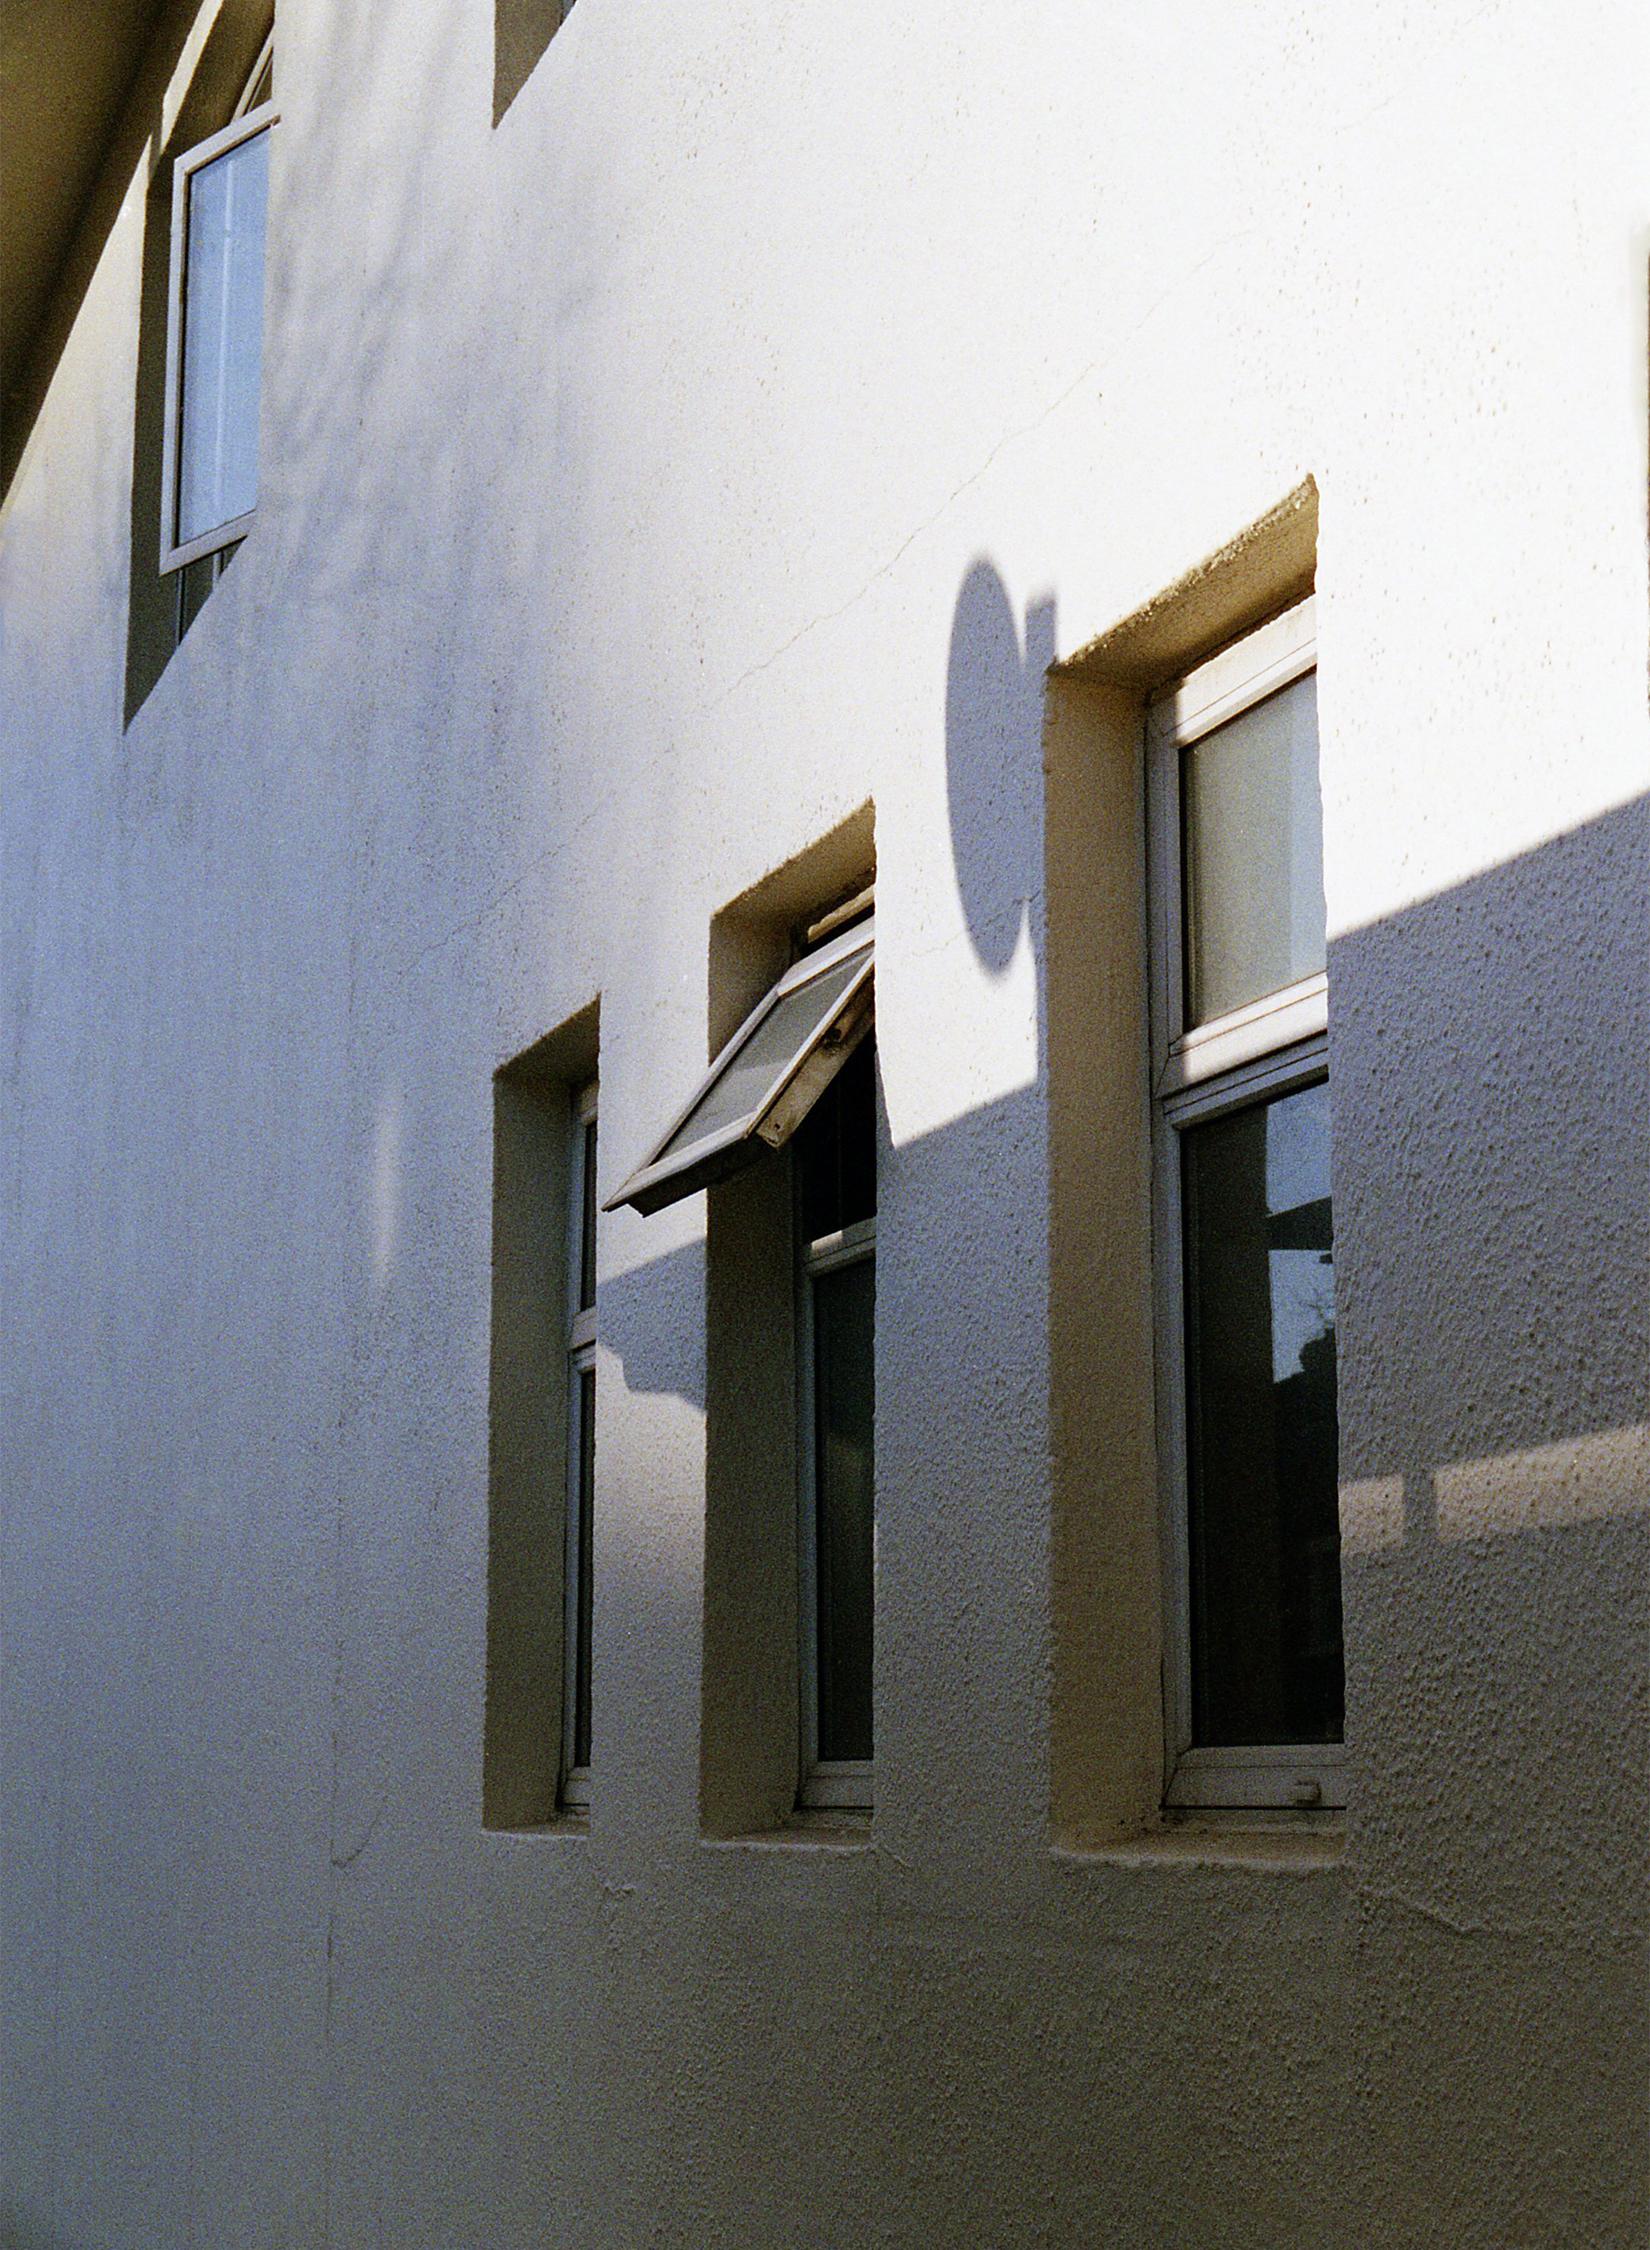 36 open window copy.jpg